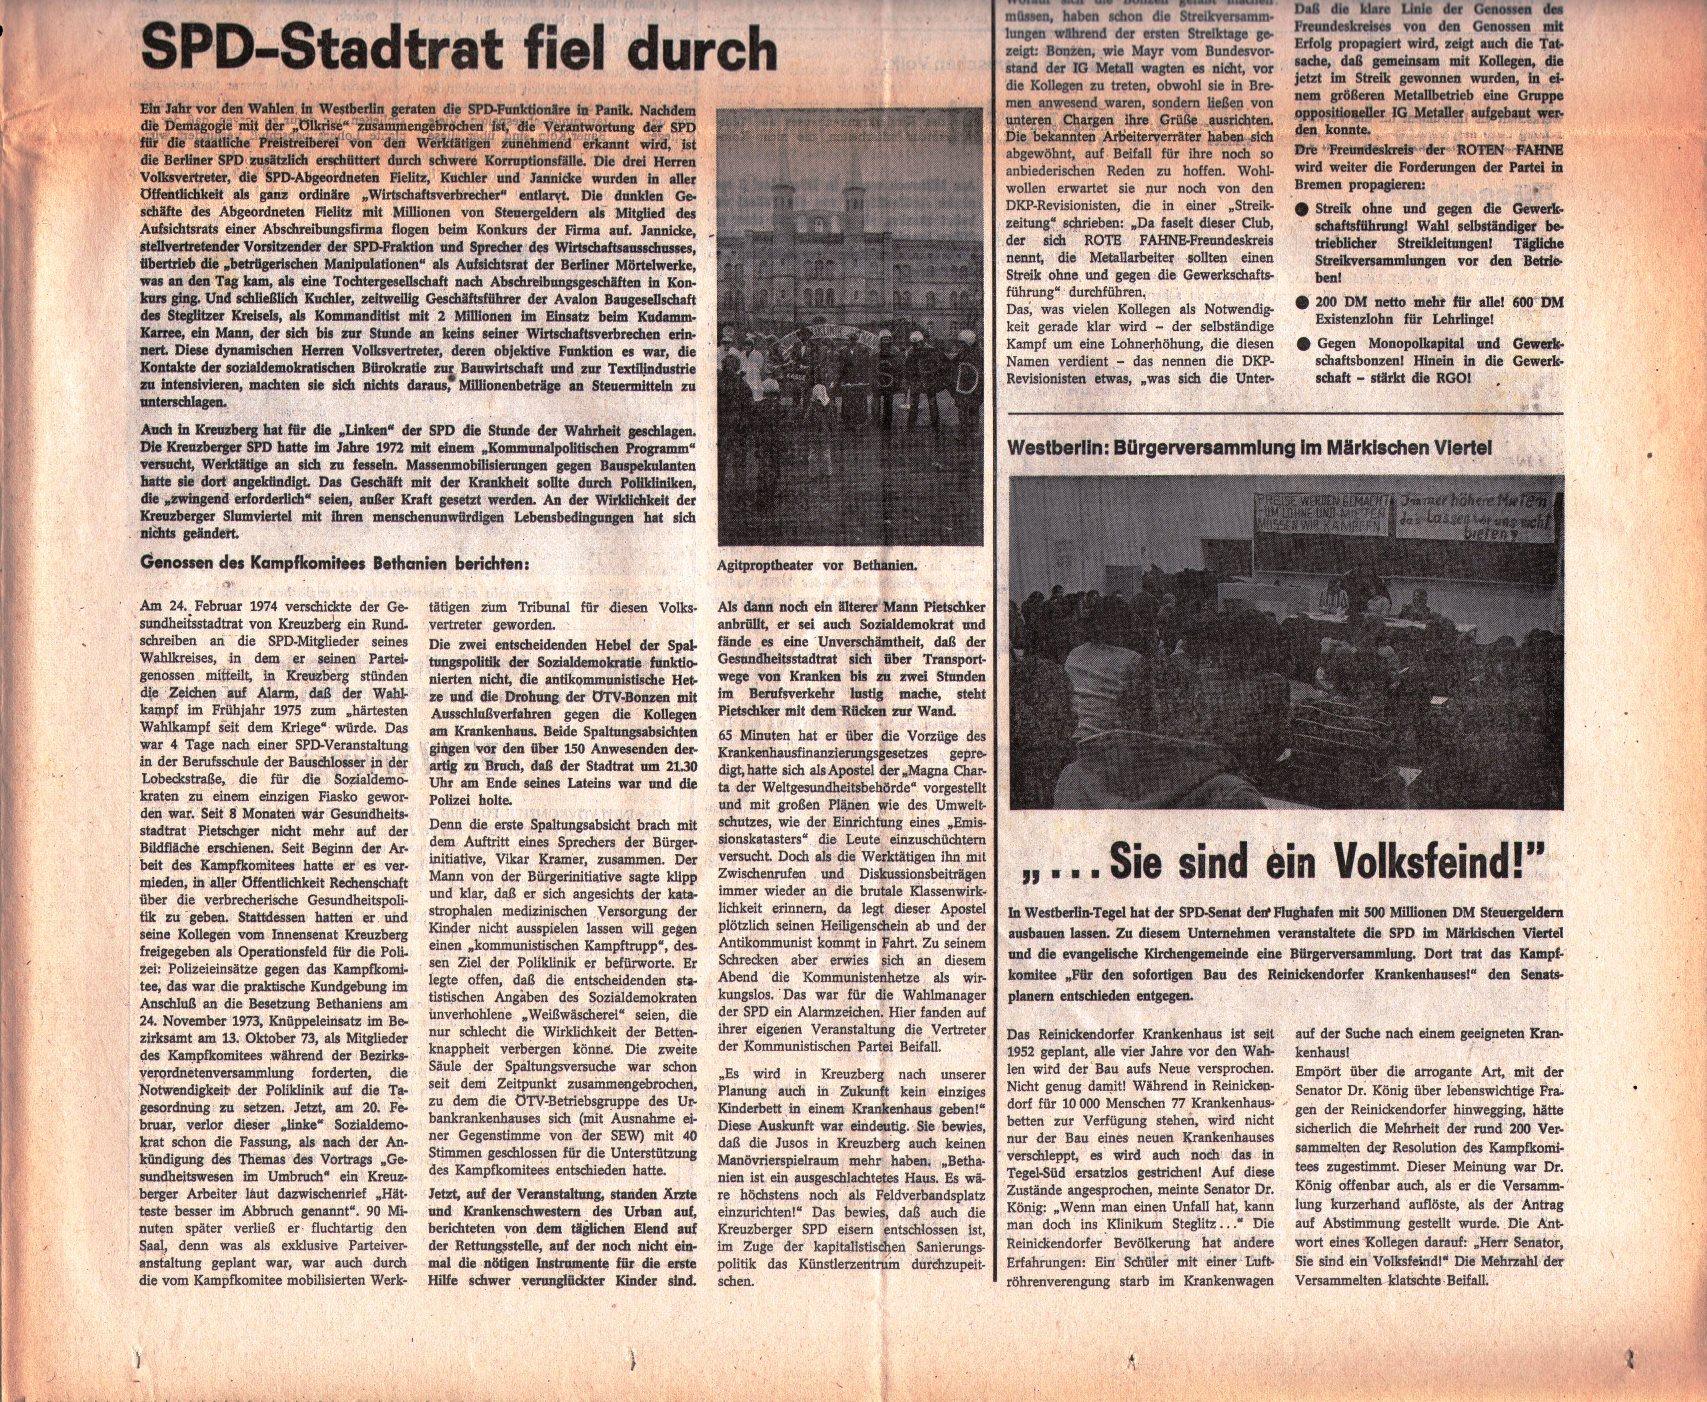 KPD_Rote_Fahne_1974_11_10